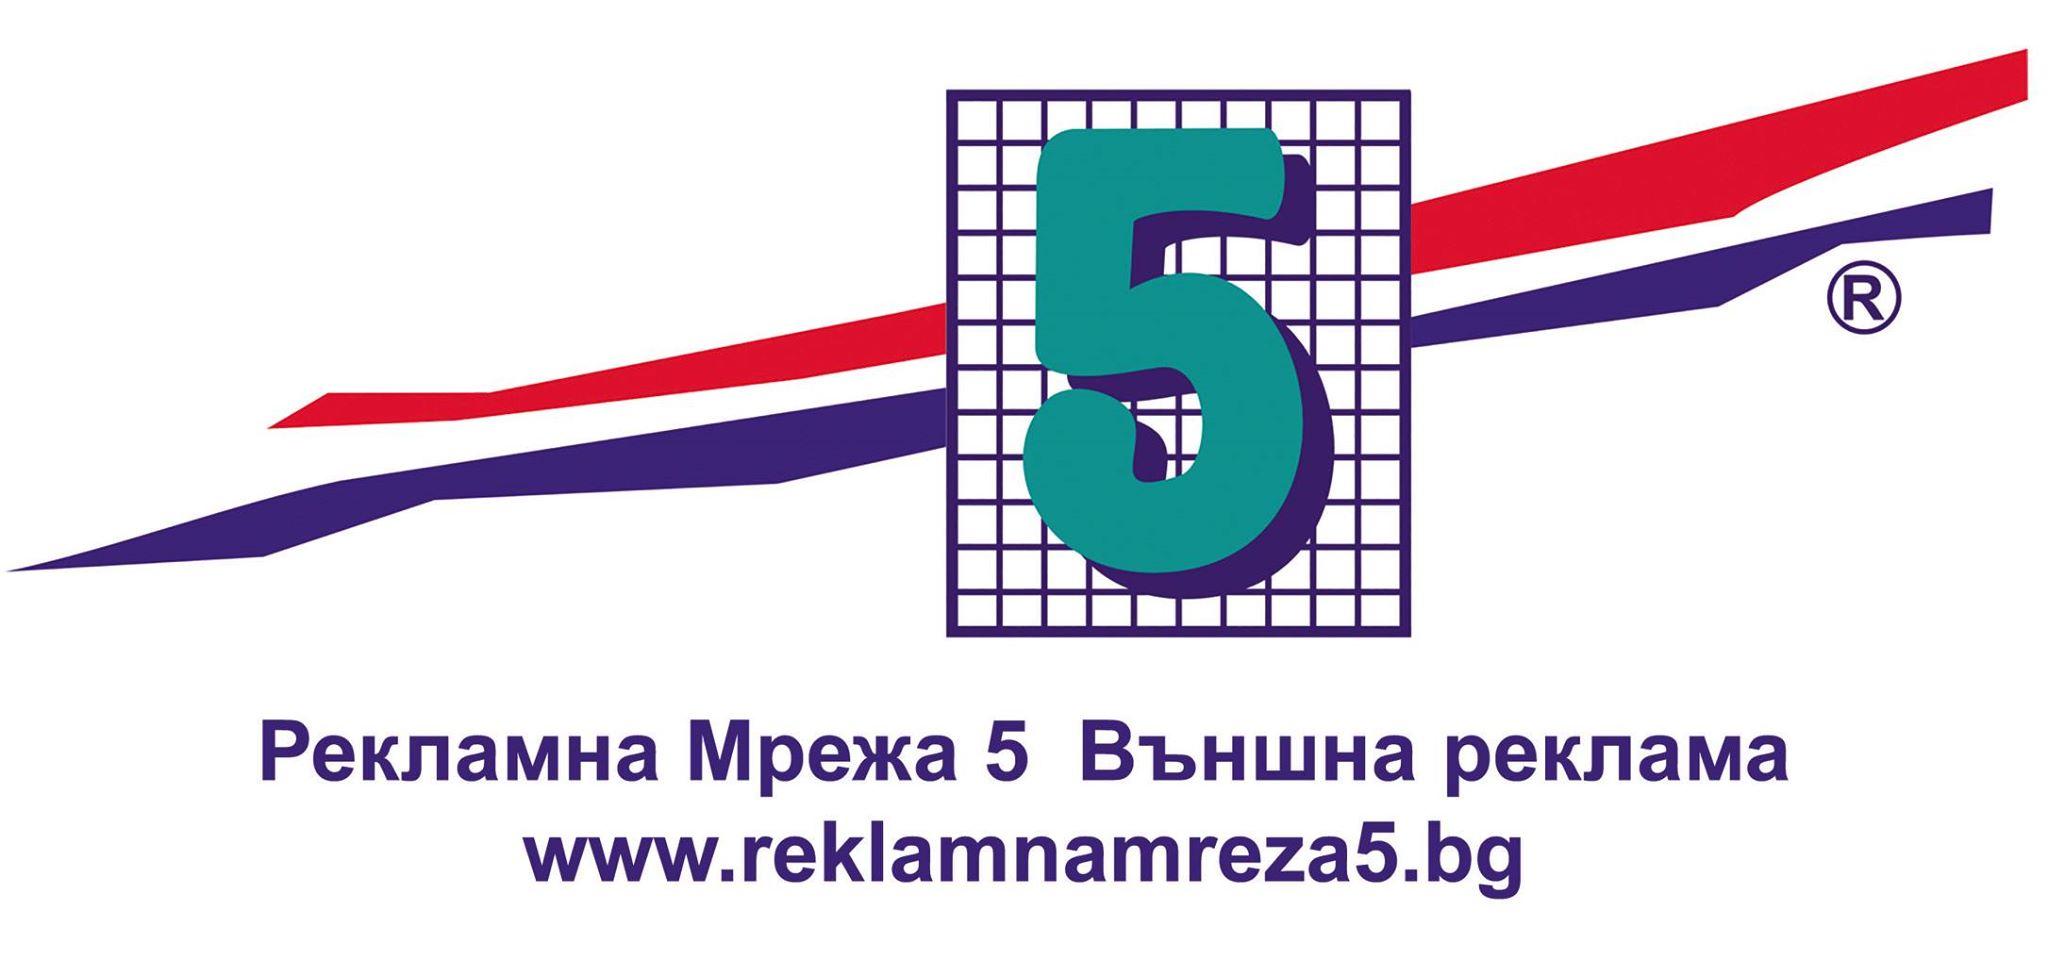 Рекламна мрежа 5